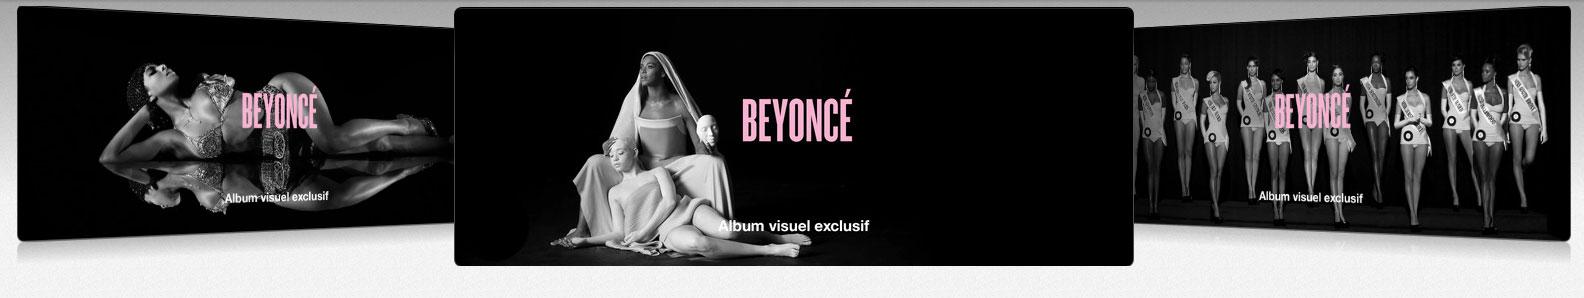 beyonce itunes apple Beyoncé dévoile son album en exclusivité sur iTunes